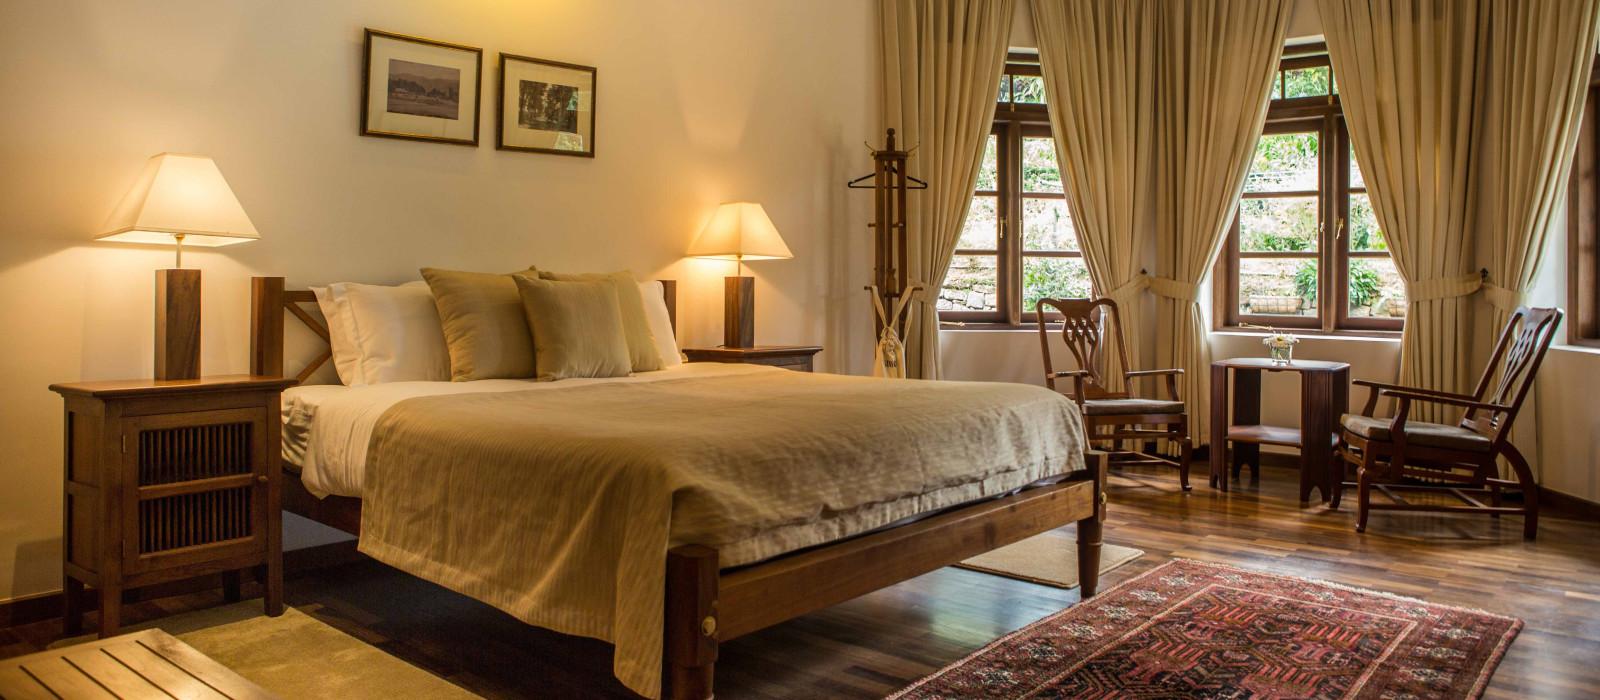 Hotel Stafford Bunglow Sri Lanka